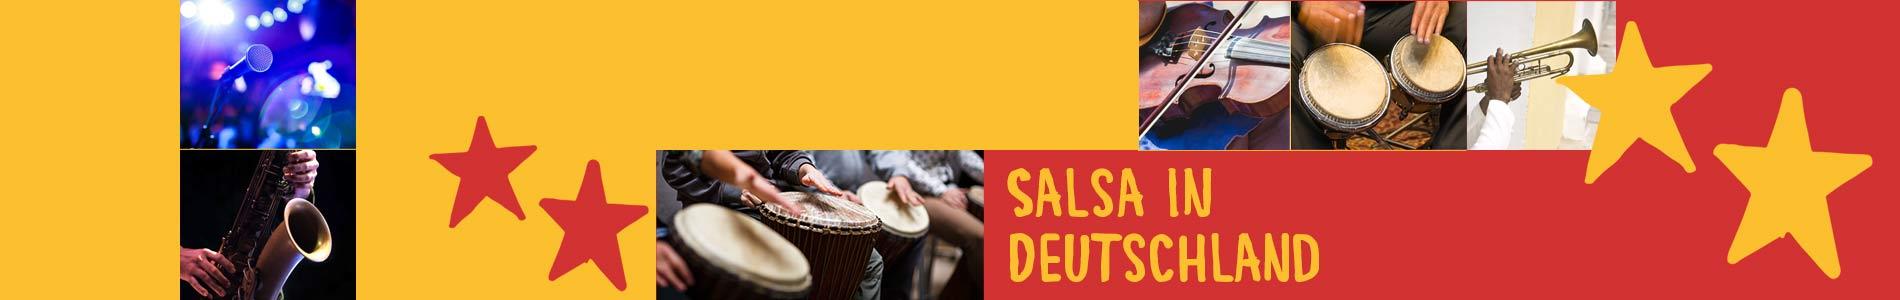 Salsa in Calberlah – Salsa lernen und tanzen, Tanzkurse, Partys, Veranstaltungen